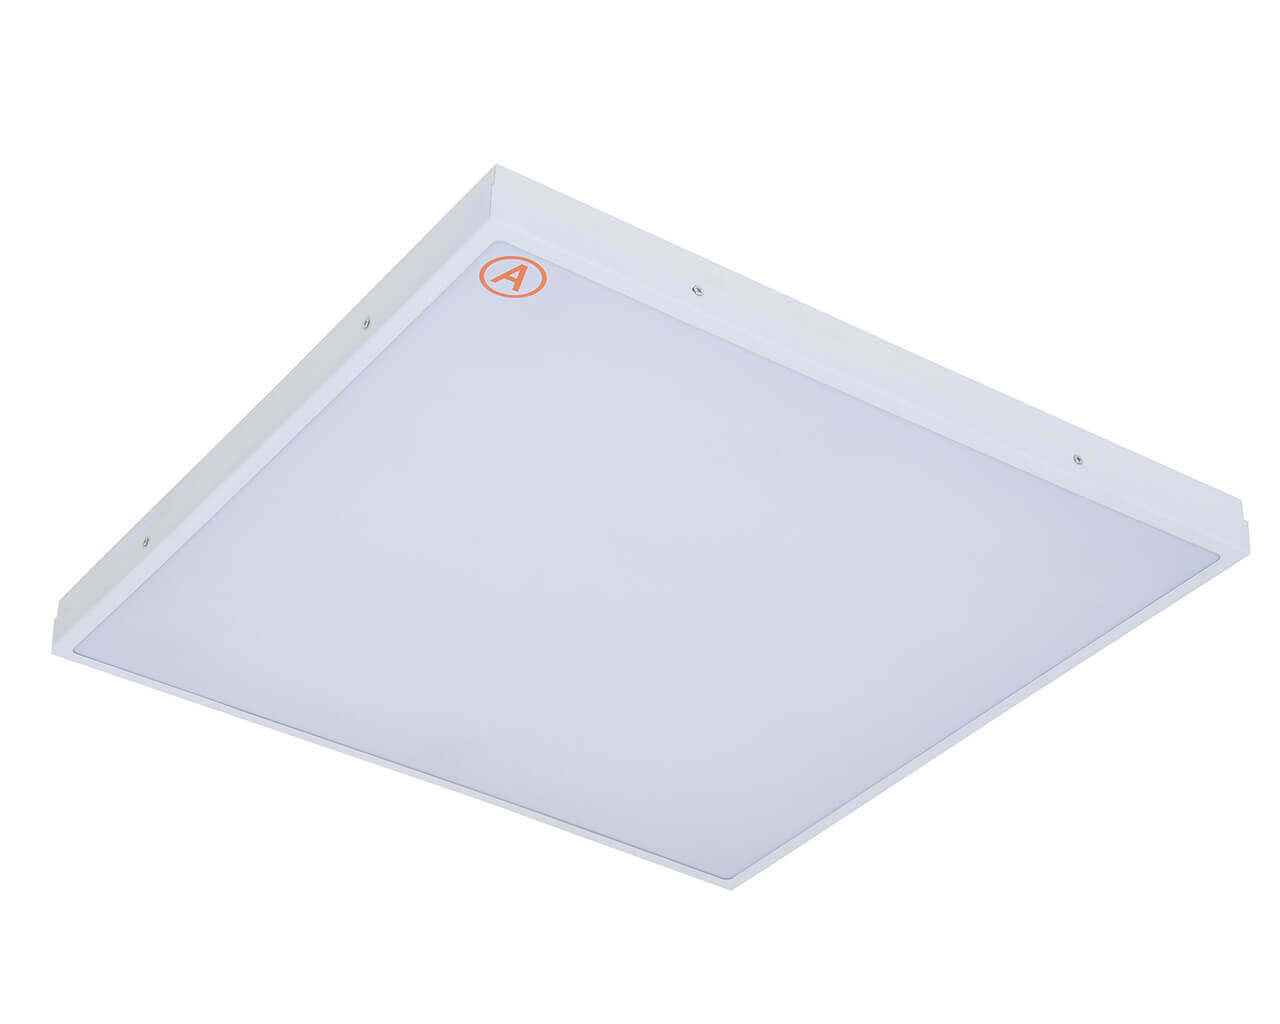 Встраиваемый светильник LC-SIP-60-OP 595x595 Теплый белый Опал с Бап-3 часа